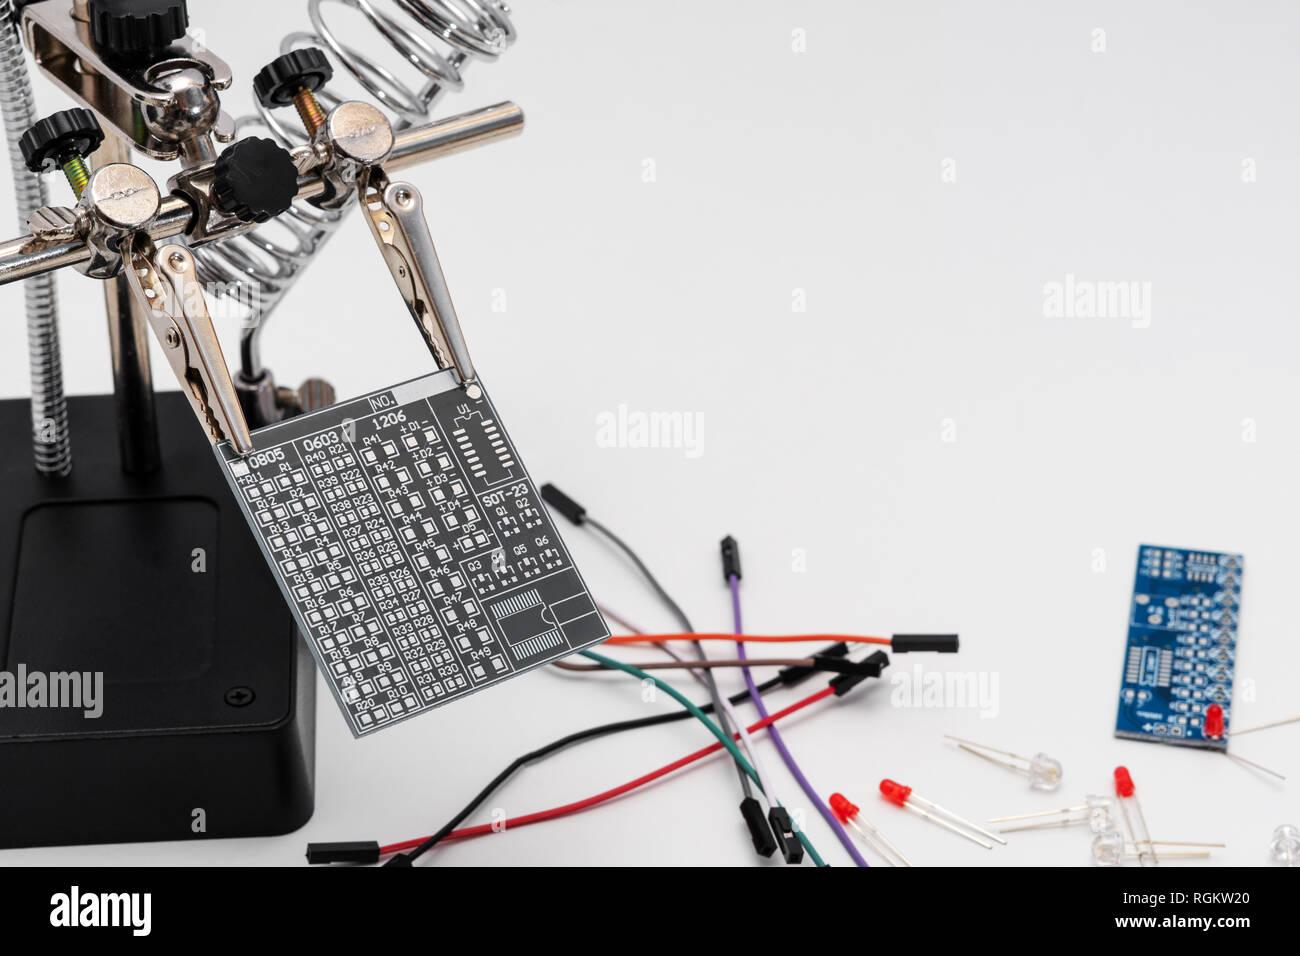 Placa de circuito gris en soldadura ayudando a manos antes del proceso de soldadura tecnológico con LEDs cables y otra placa en el fondo. Imagen De Stock